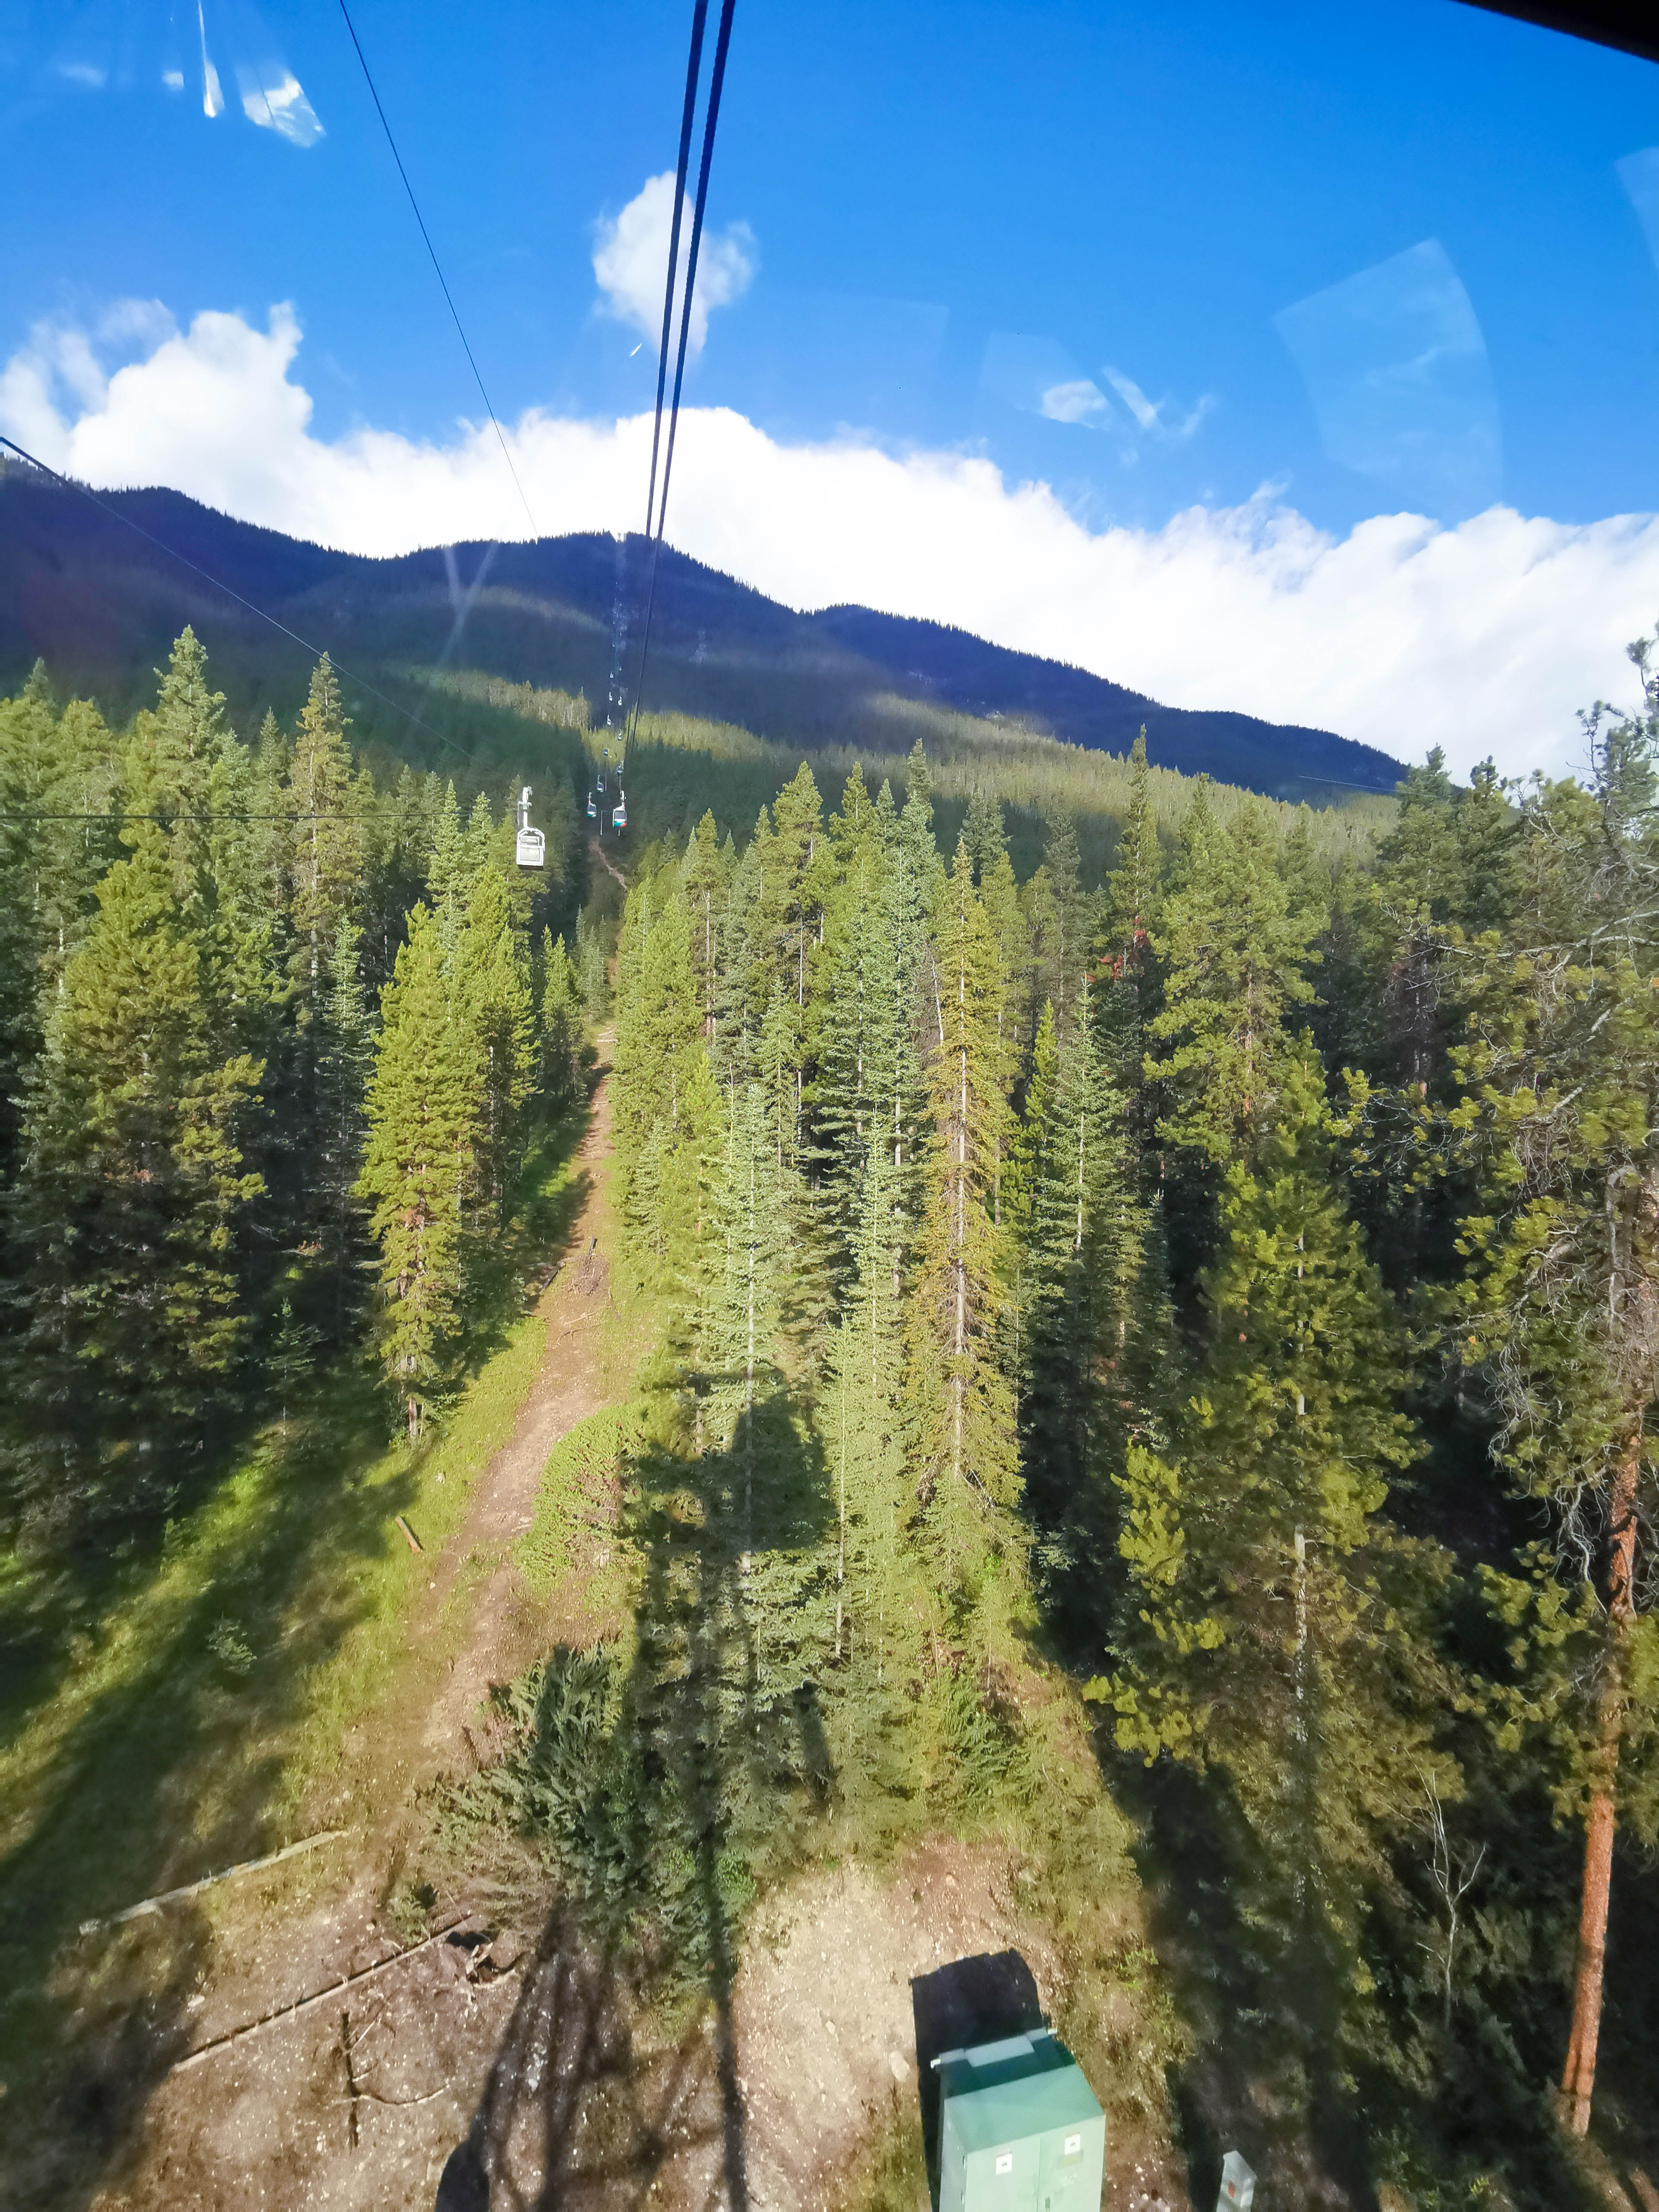 ยอดเขาซัลเฟอร์ (Mt. Sulphur) เที่ยวแคนาดา ทัวร์แคนาดา